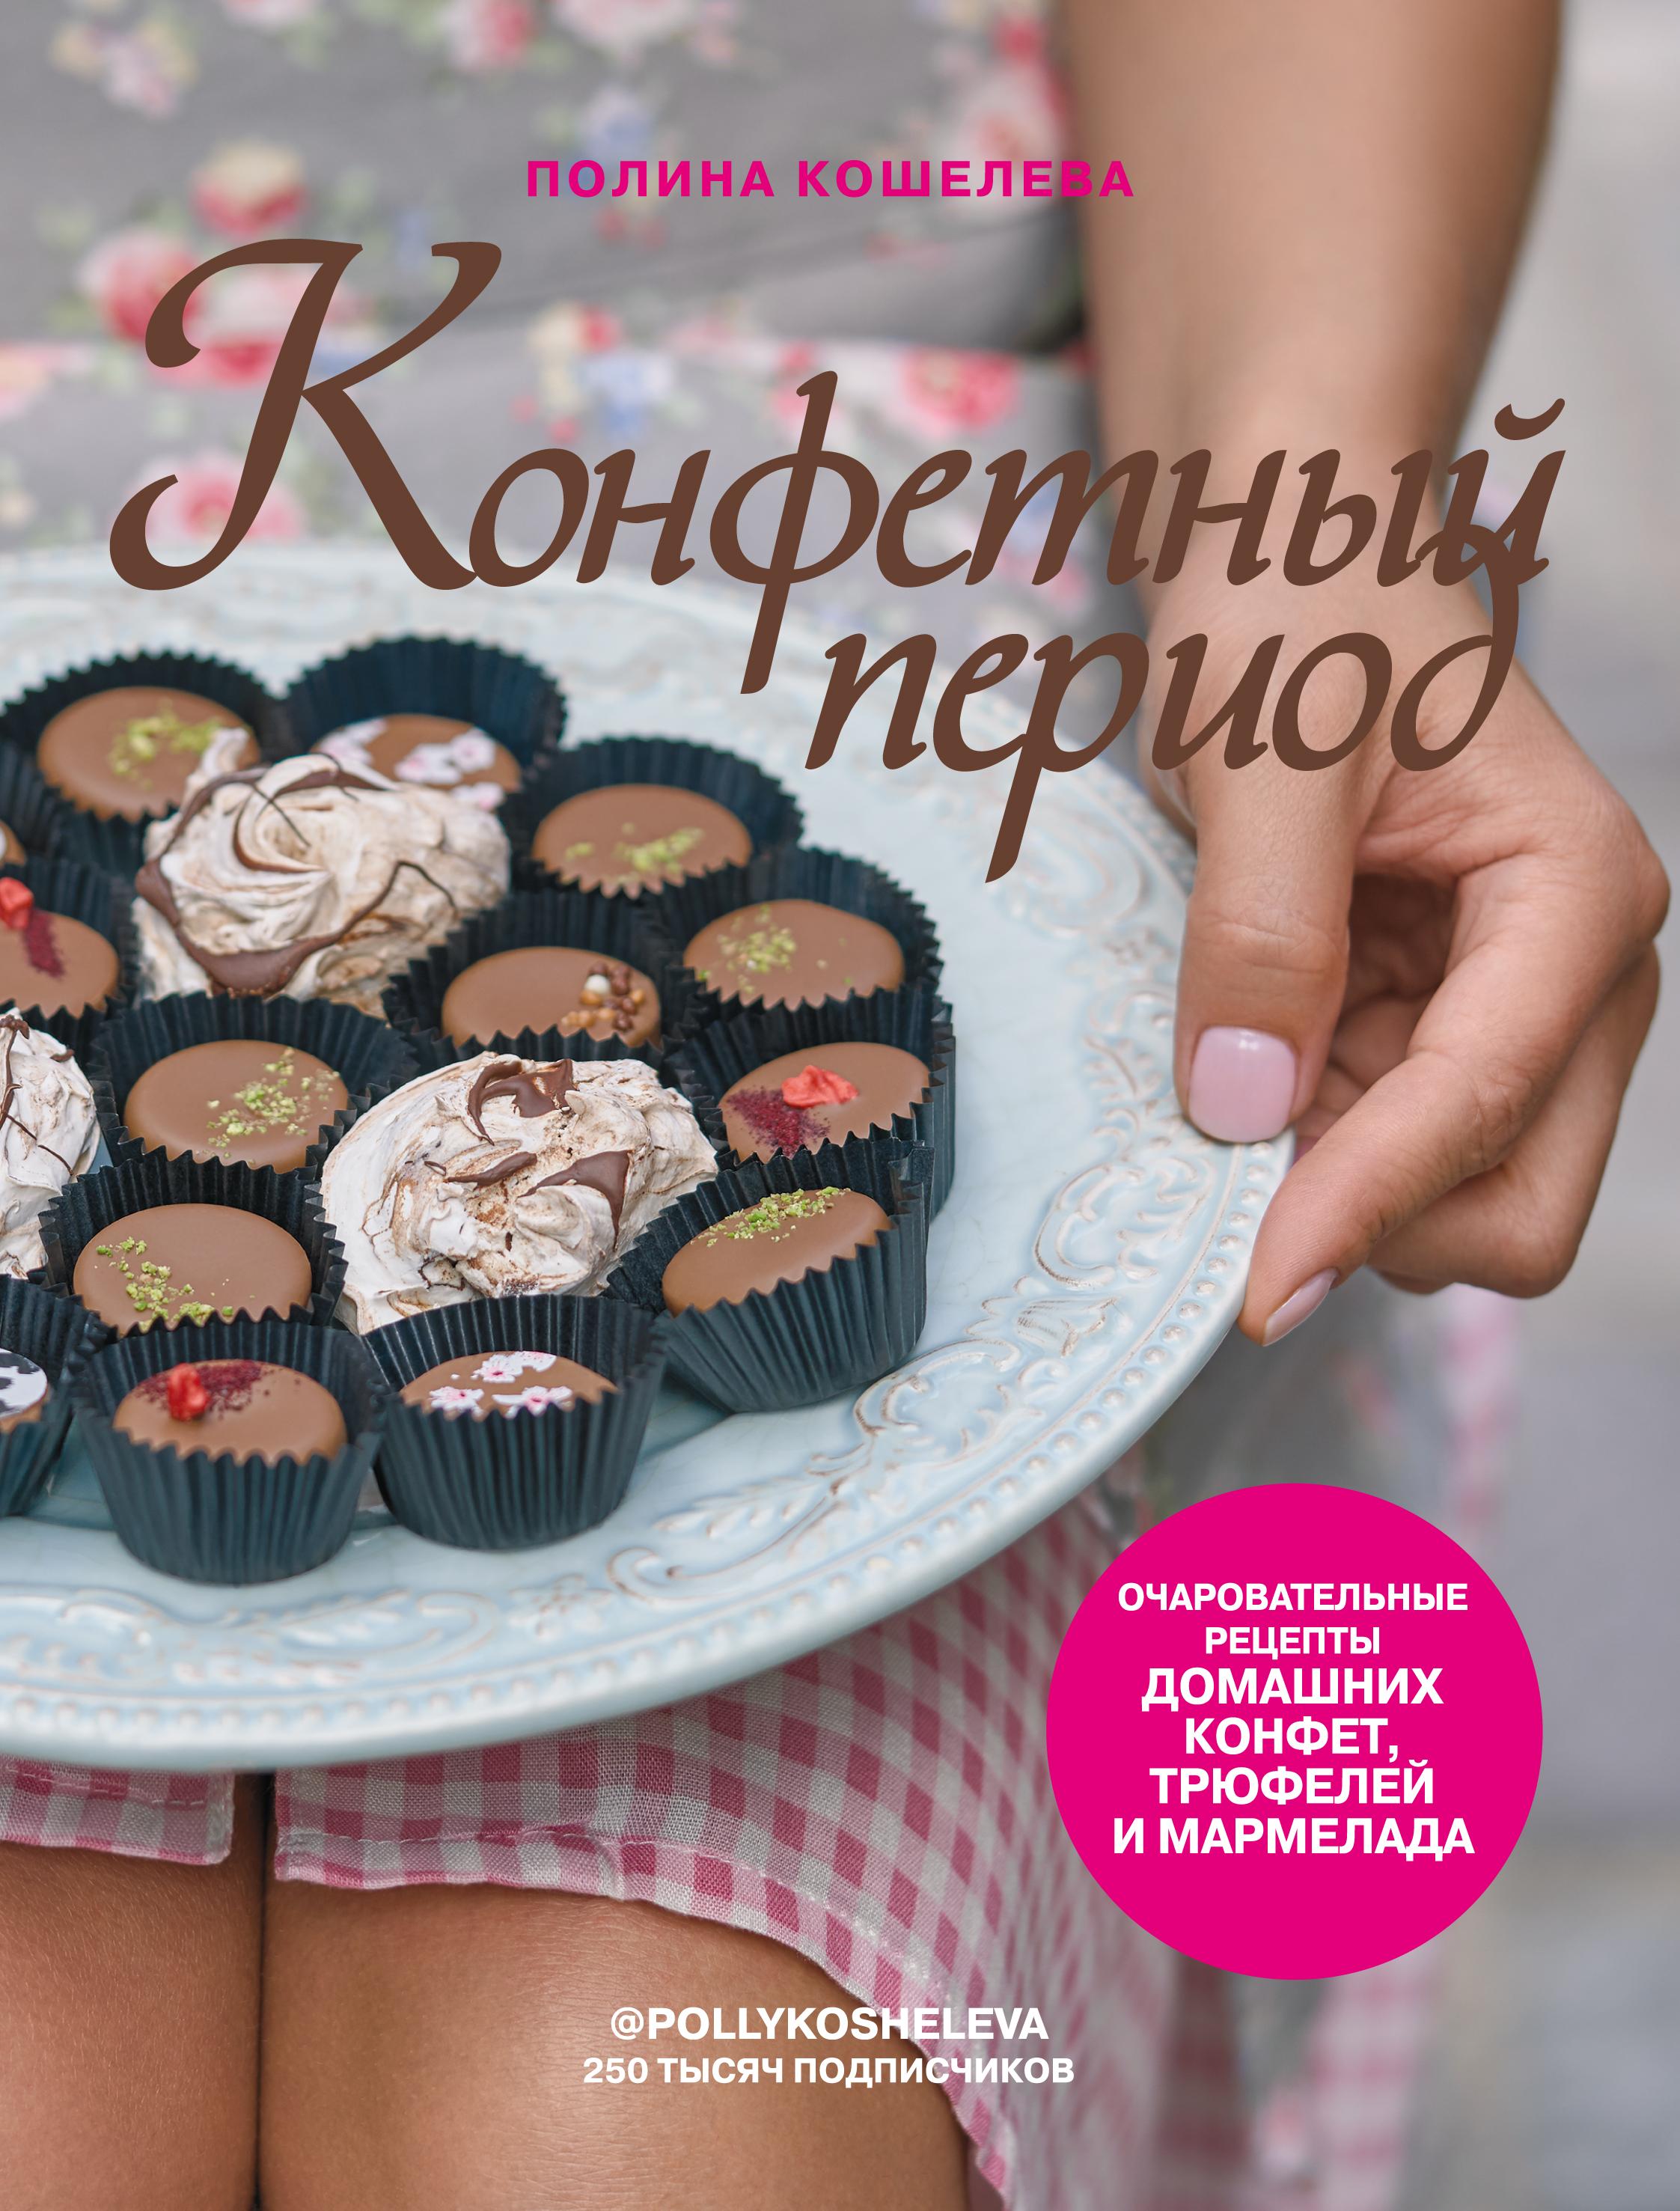 Полина Кошелева Конфетный период. Очаровательные рецепты домашних конфет, трюфелей и мармелада